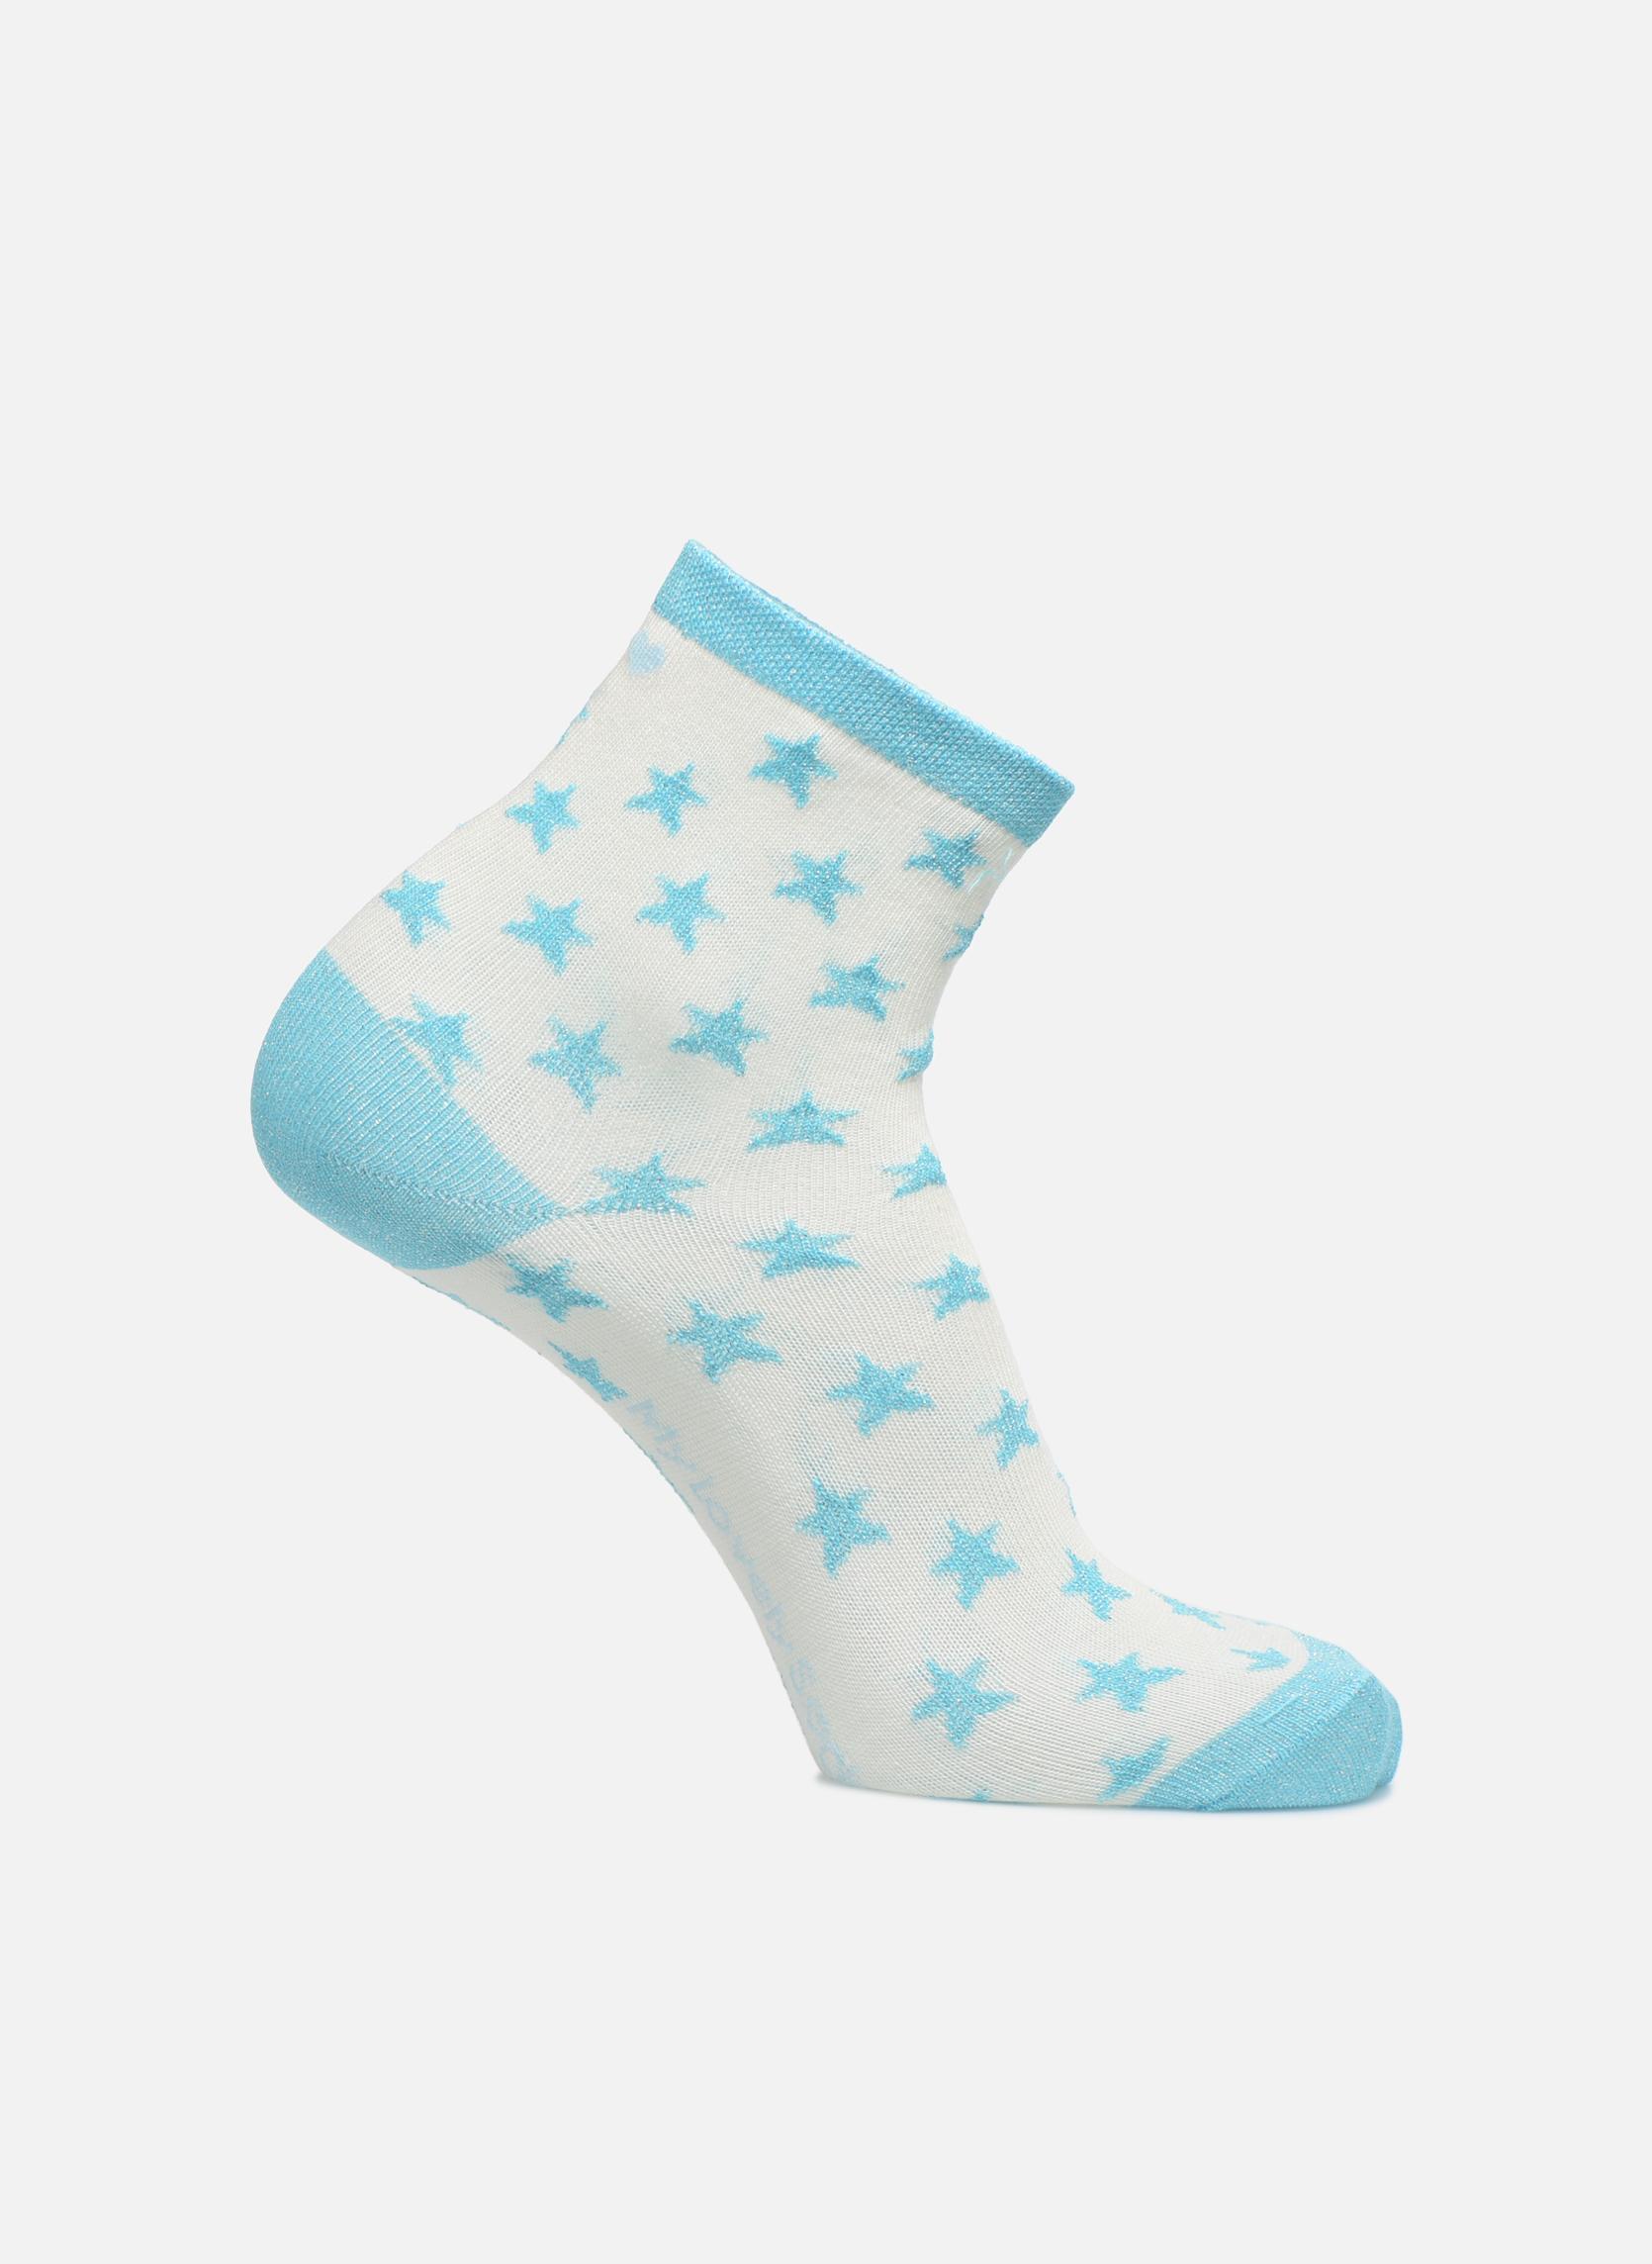 Chaussettes Mixte Celeste Stars blanc et turquoise argenté